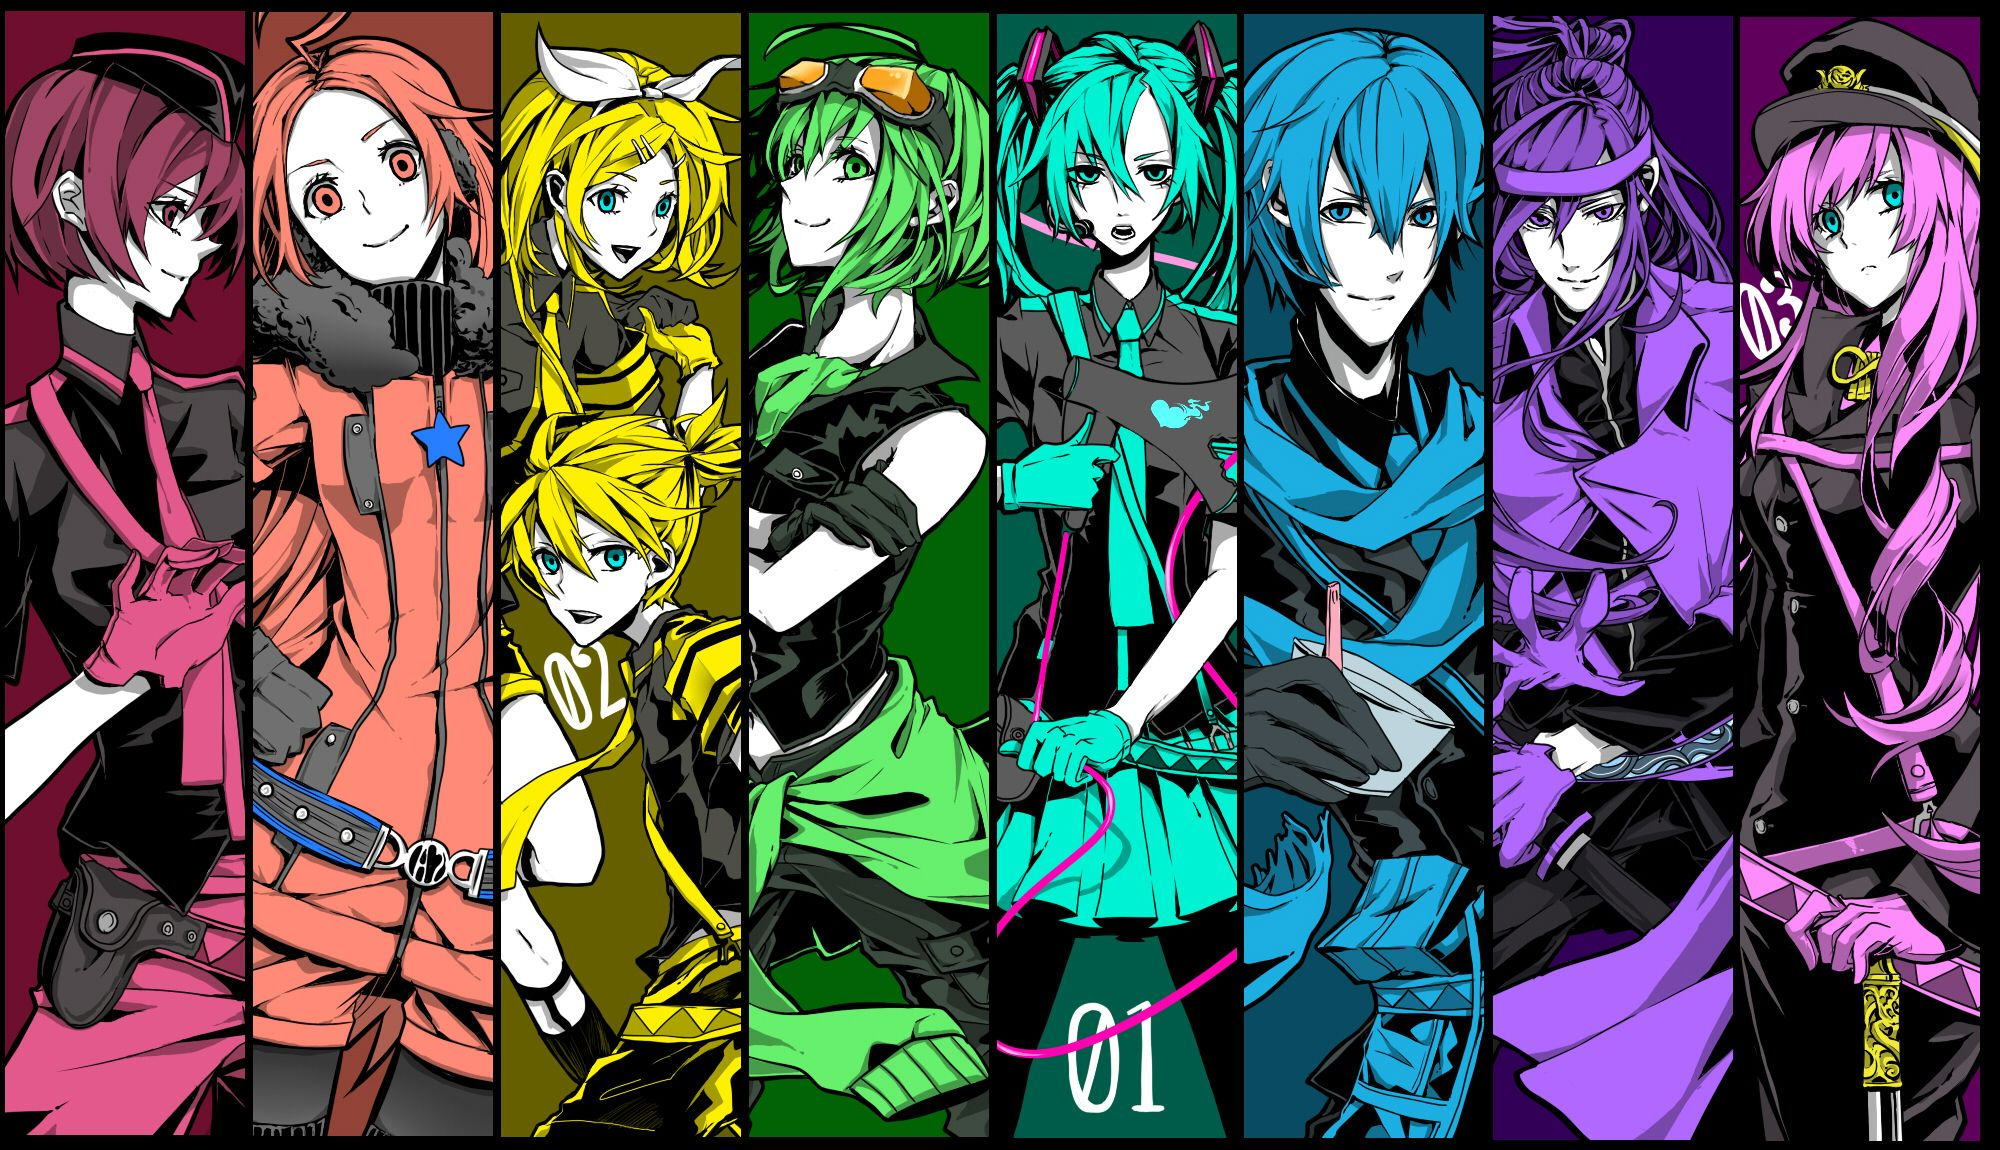 Vocaloid Wallpaper Rin Vocaloid求图�...